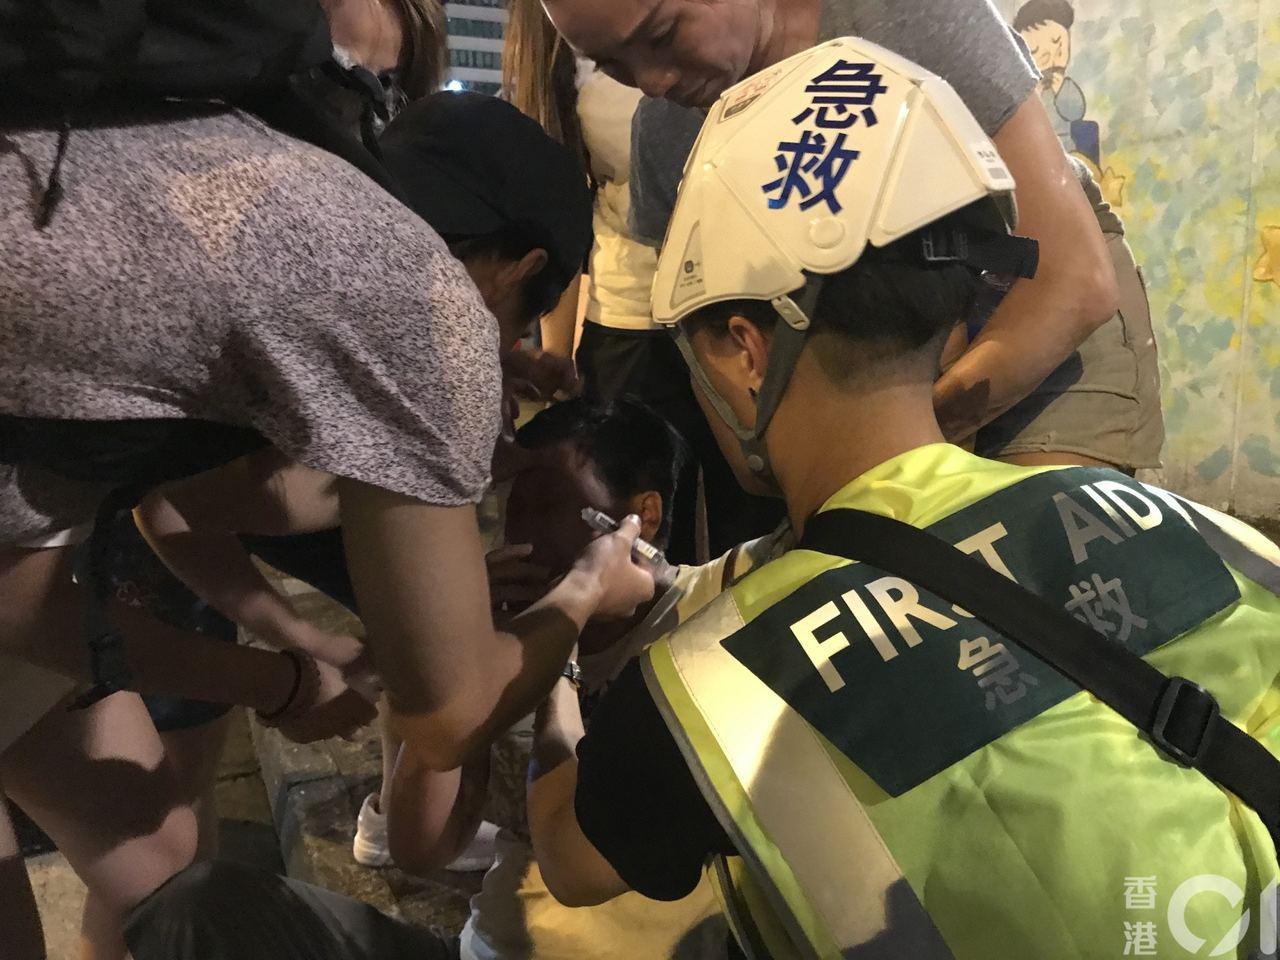 香港反送中持續,今在旺角警署外,多人「中椒」。 圖/取自香港01